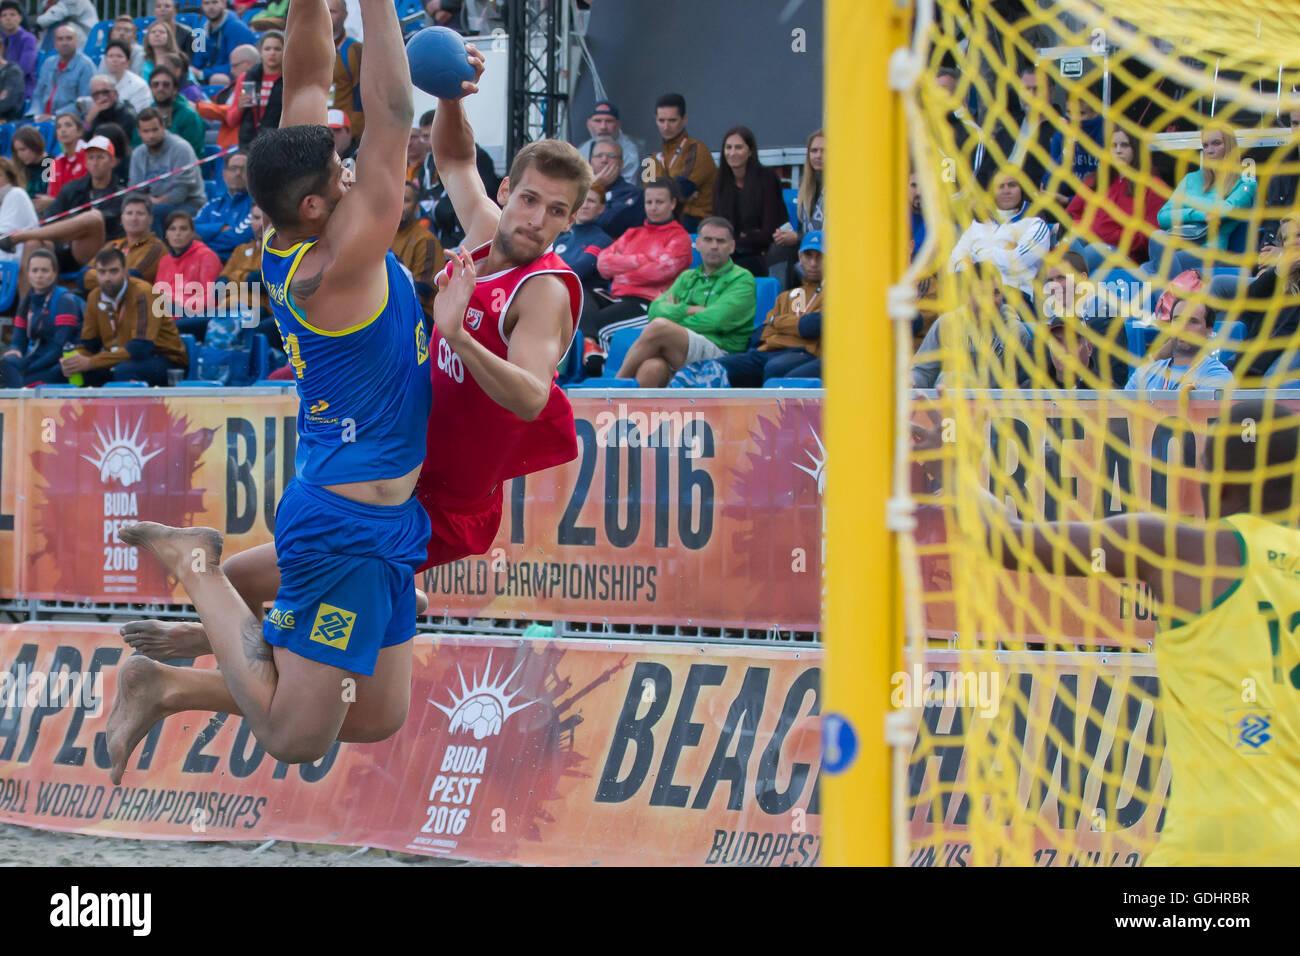 Budapest. 17 juillet, 2016. Valentakov Valentino (C) de la Croatie pousses durant la finale contre le Brésil Photo Stock